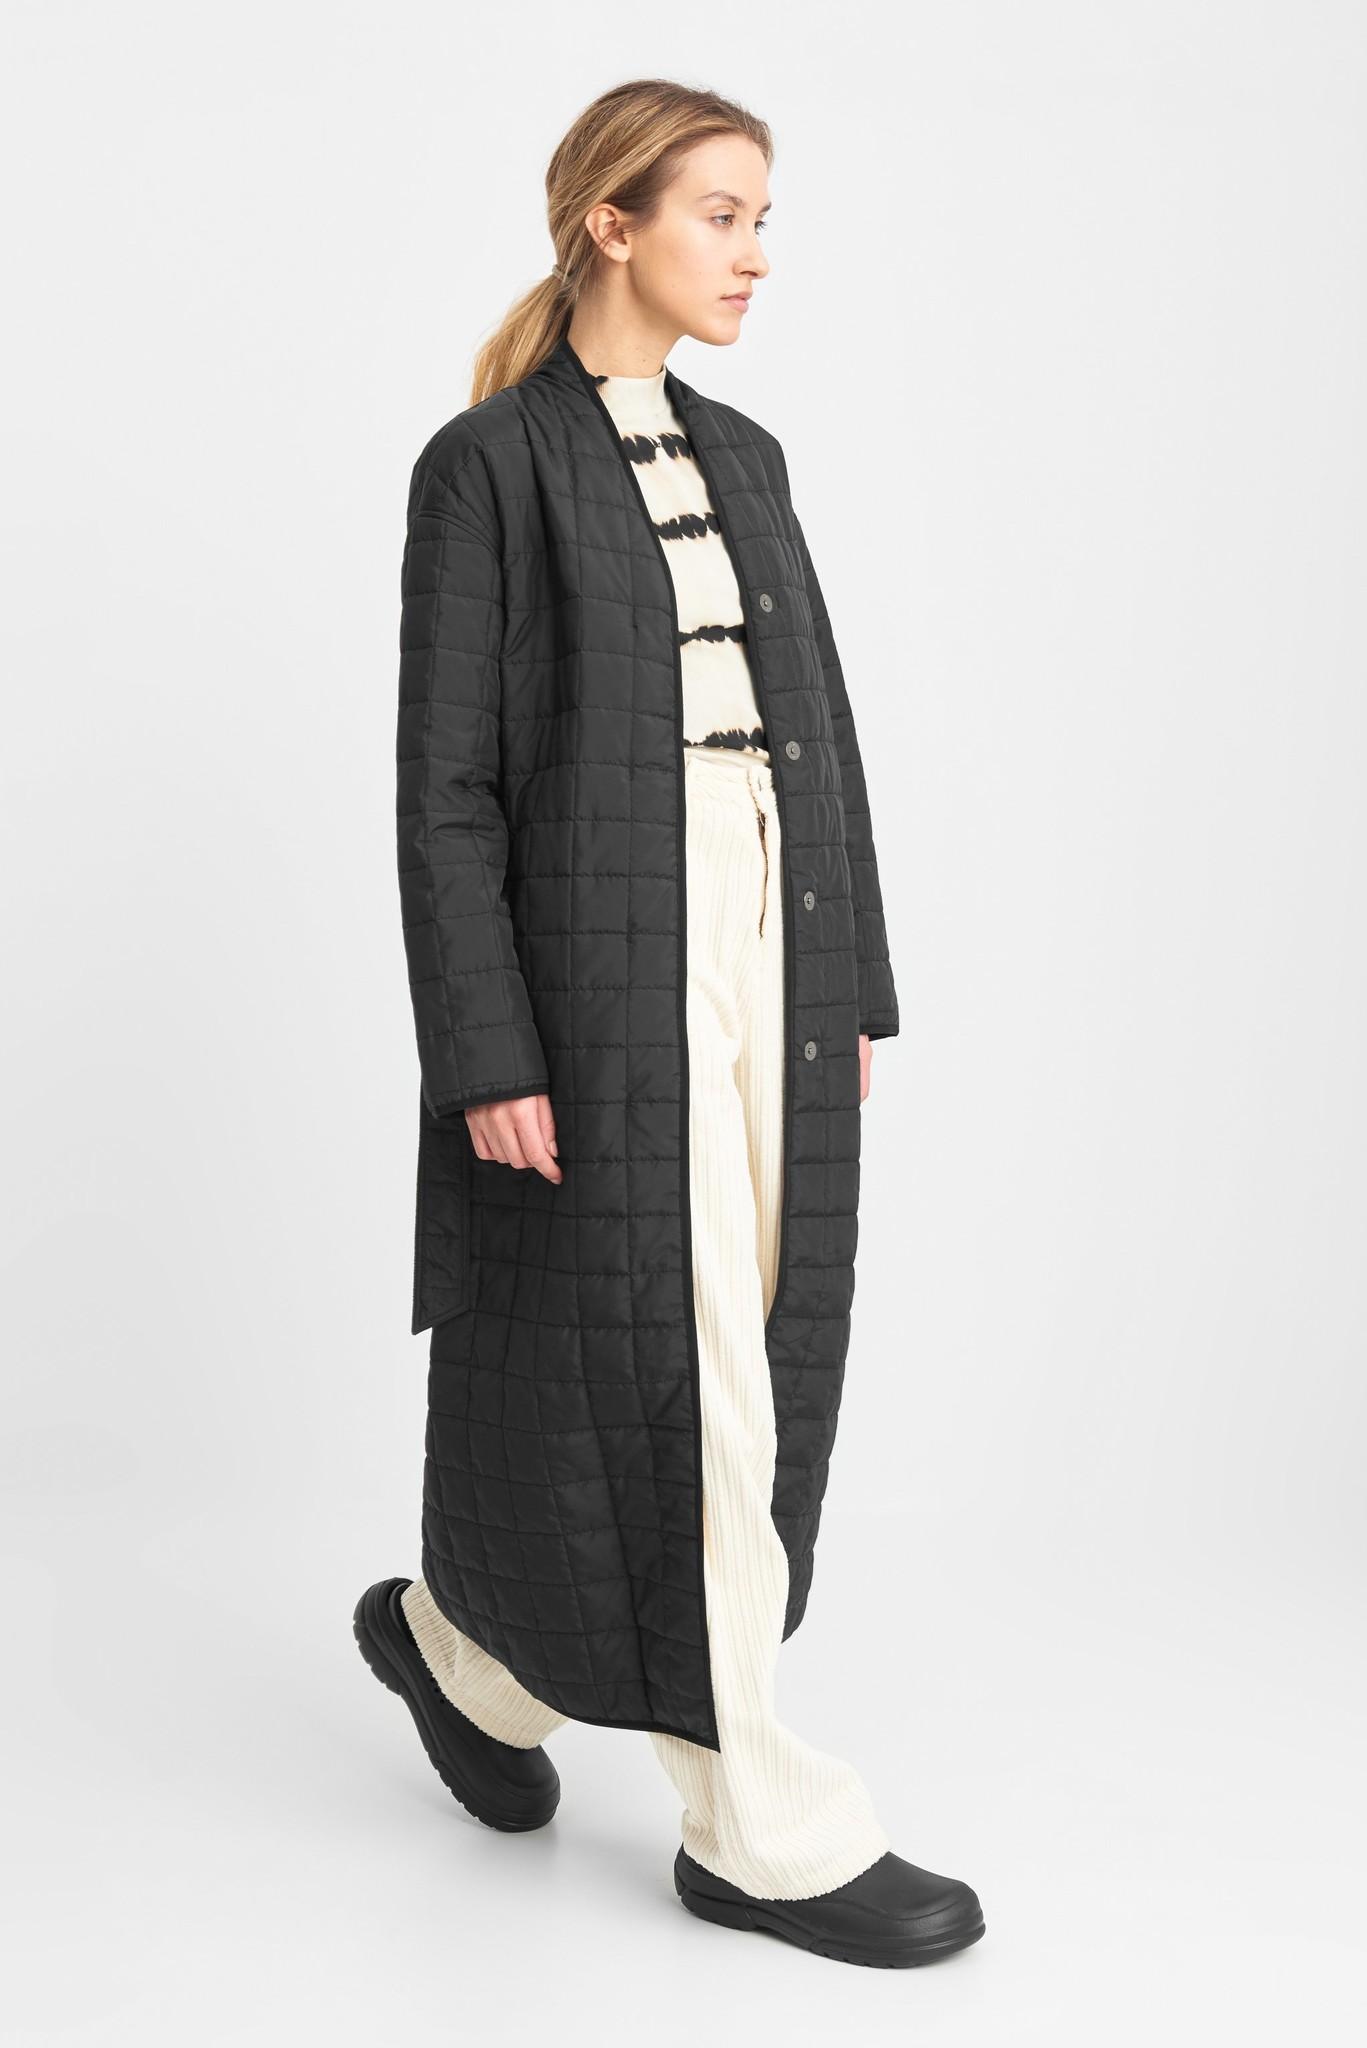 Lila lange gewatteerde oversized jas zwart-2